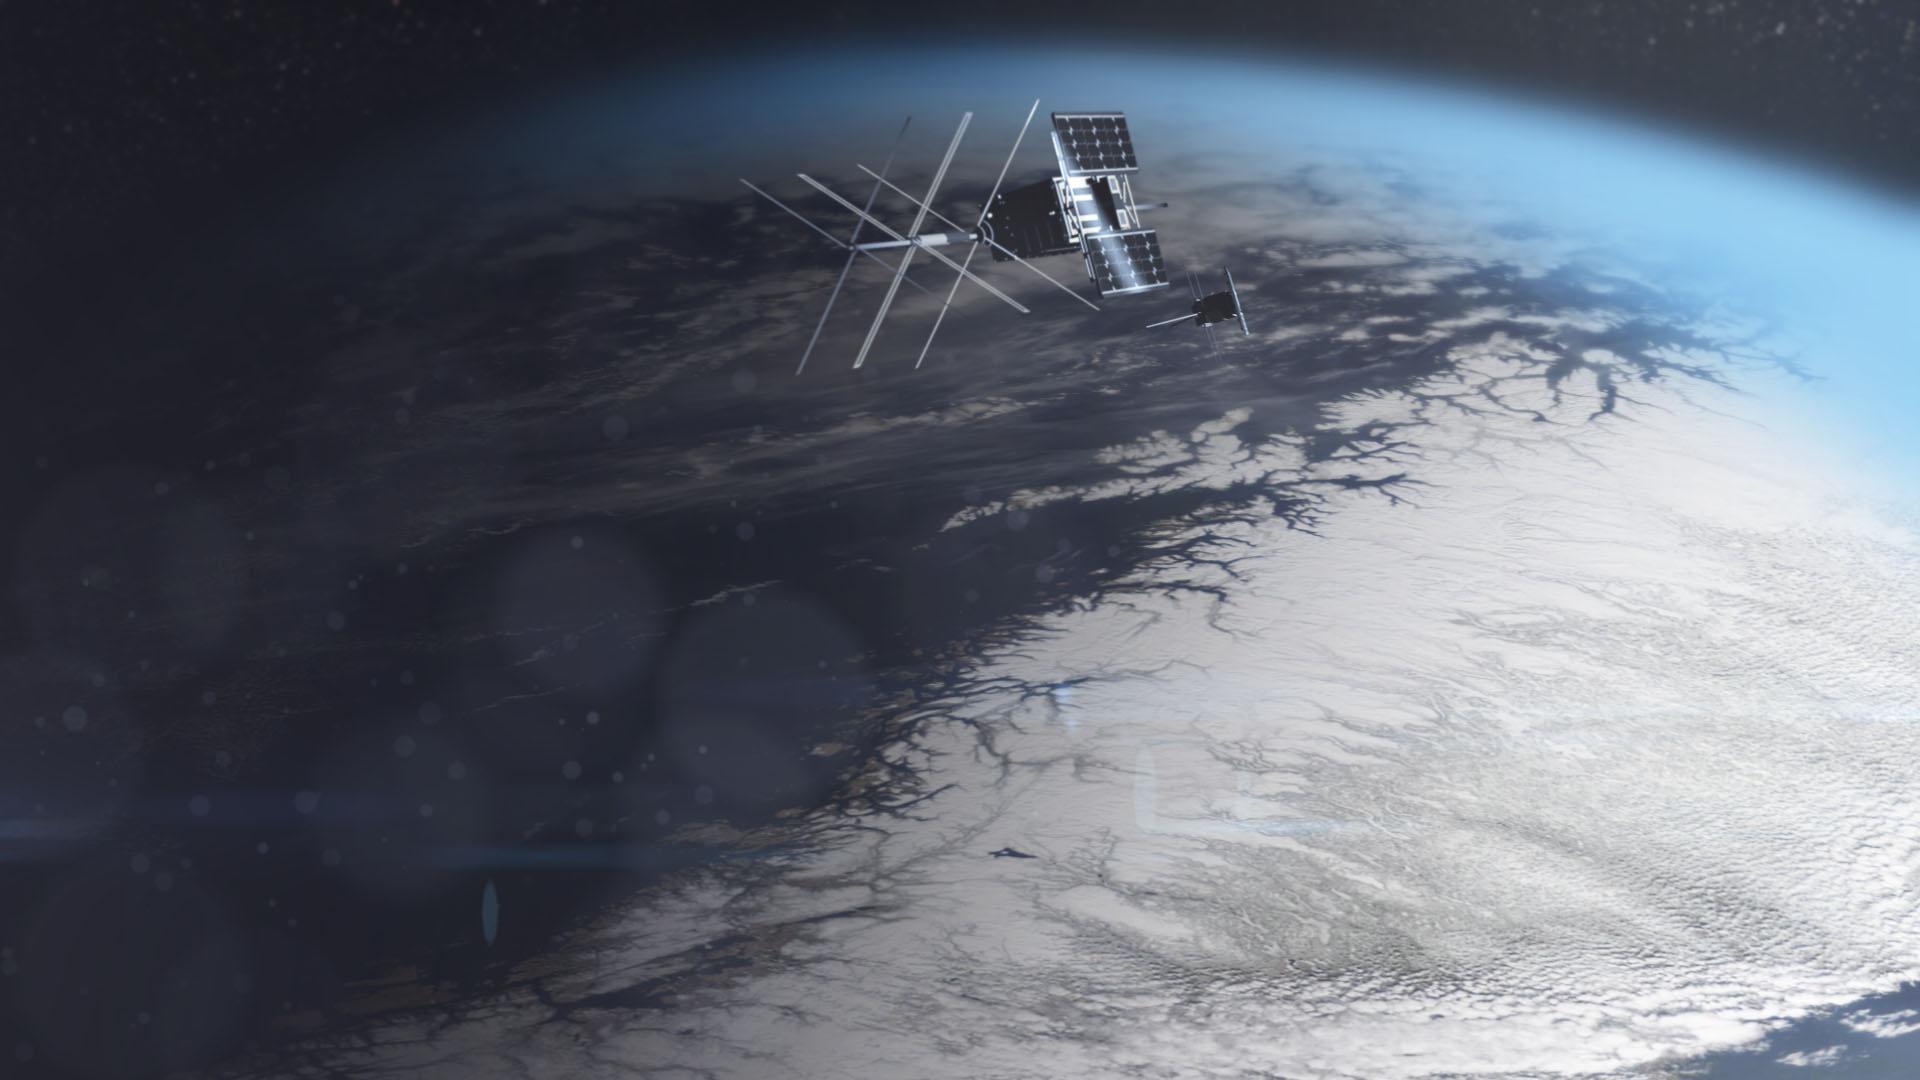 solformørkelse 2017 usa nasa